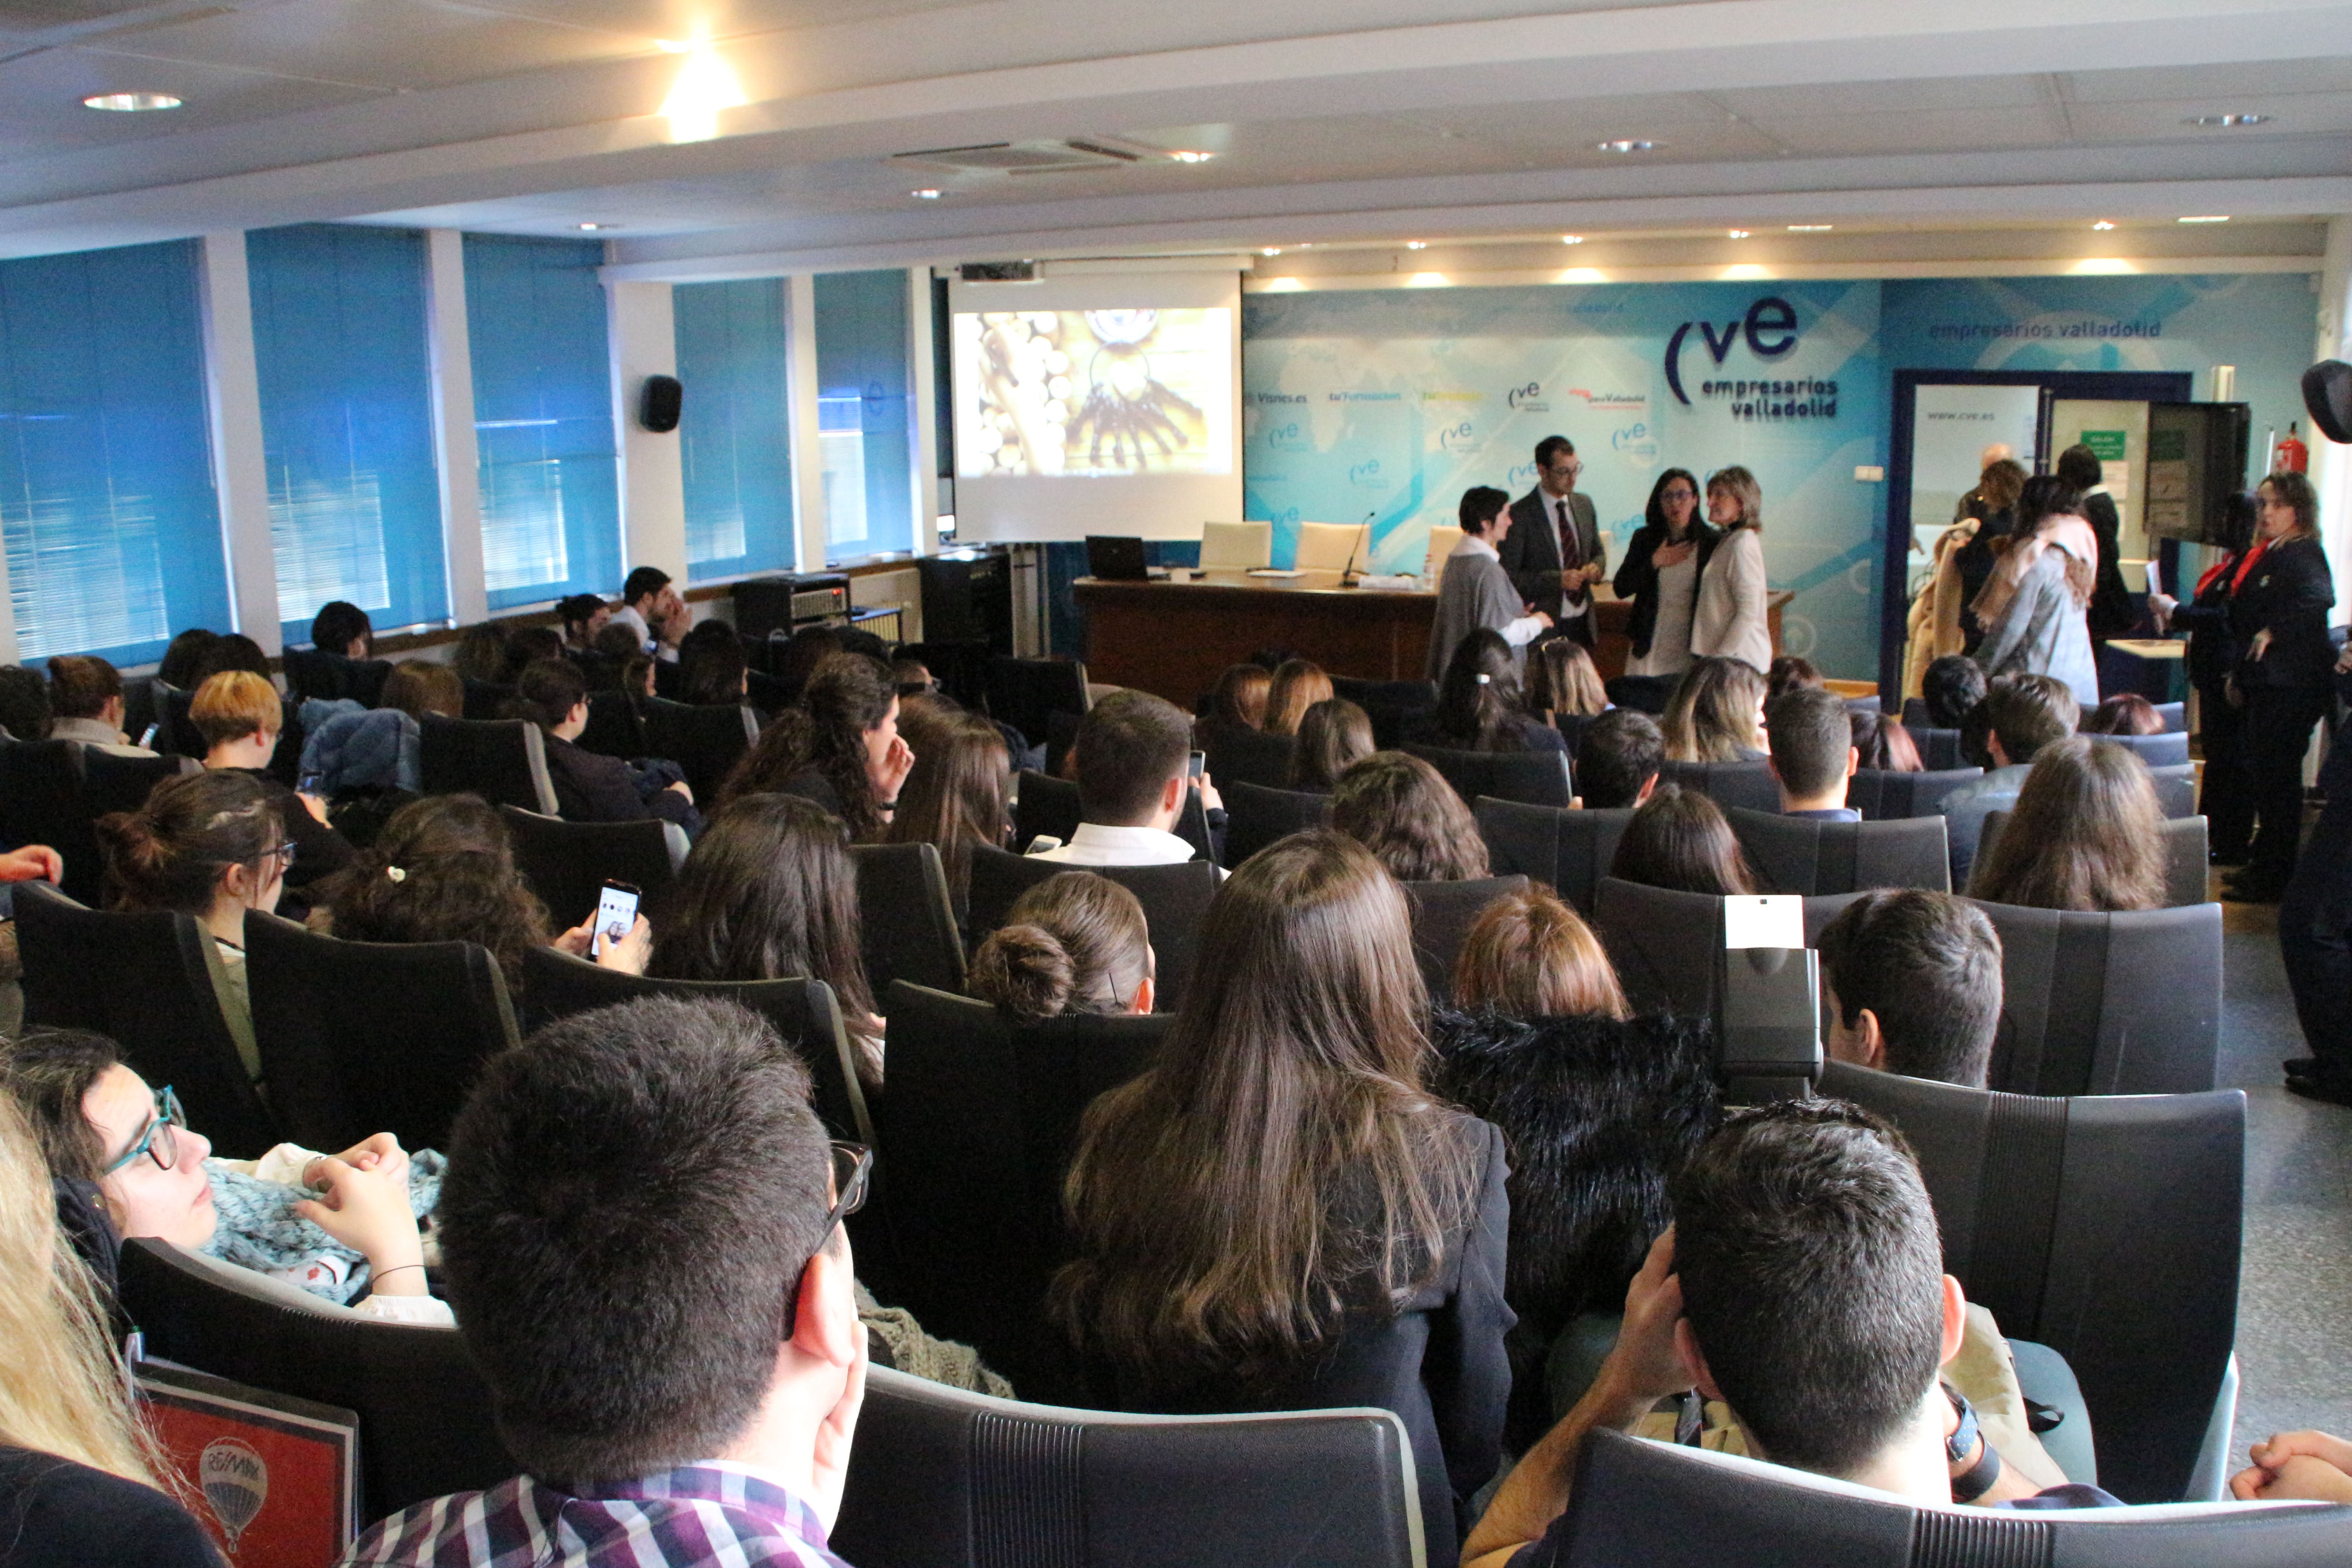 III Jornada de Turismo y Formación organizada por G. S. Gestión de Alojamientos Turísticos